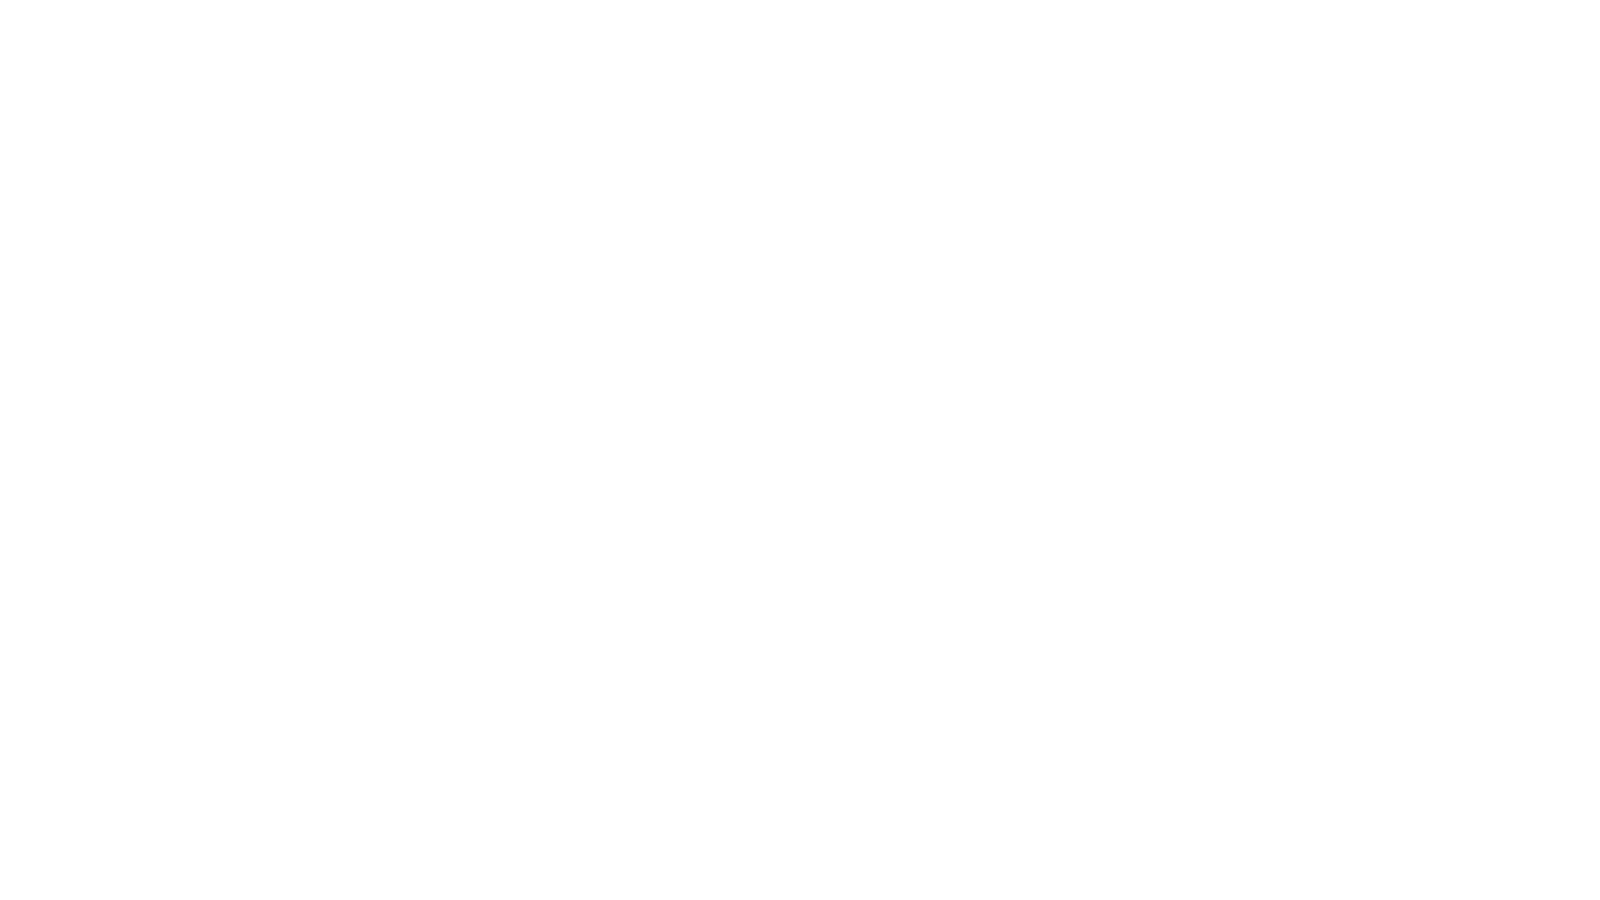 ★★★★★★★★★★★★★★★★★★★★★  ドルチェ&ガッバーナ ビューティーから2/22に発売された、「フェリンアイズ シマートップコート パウダーデュオ」全3色を使ってみました。    アイシャドウなのか、アイライナーなのか、使ってみるまでわかりませんでしたが、結果、両方のいいとこ取りなアイテムでした。   DETAIL:https://clip-clip.jp/archives/19556  《MEDIA》  CLIP'CLIP:https://clip-clip.jp/  Instagram:https://www.instagram.com/clipclip_hiroko/  Twitter:https://twitter.com/clip_hiroko    #ドルチェ&ガッバーナ #アイライナー #アイシャドウ ★★★★★★★★★★★★★★★★★★★★★